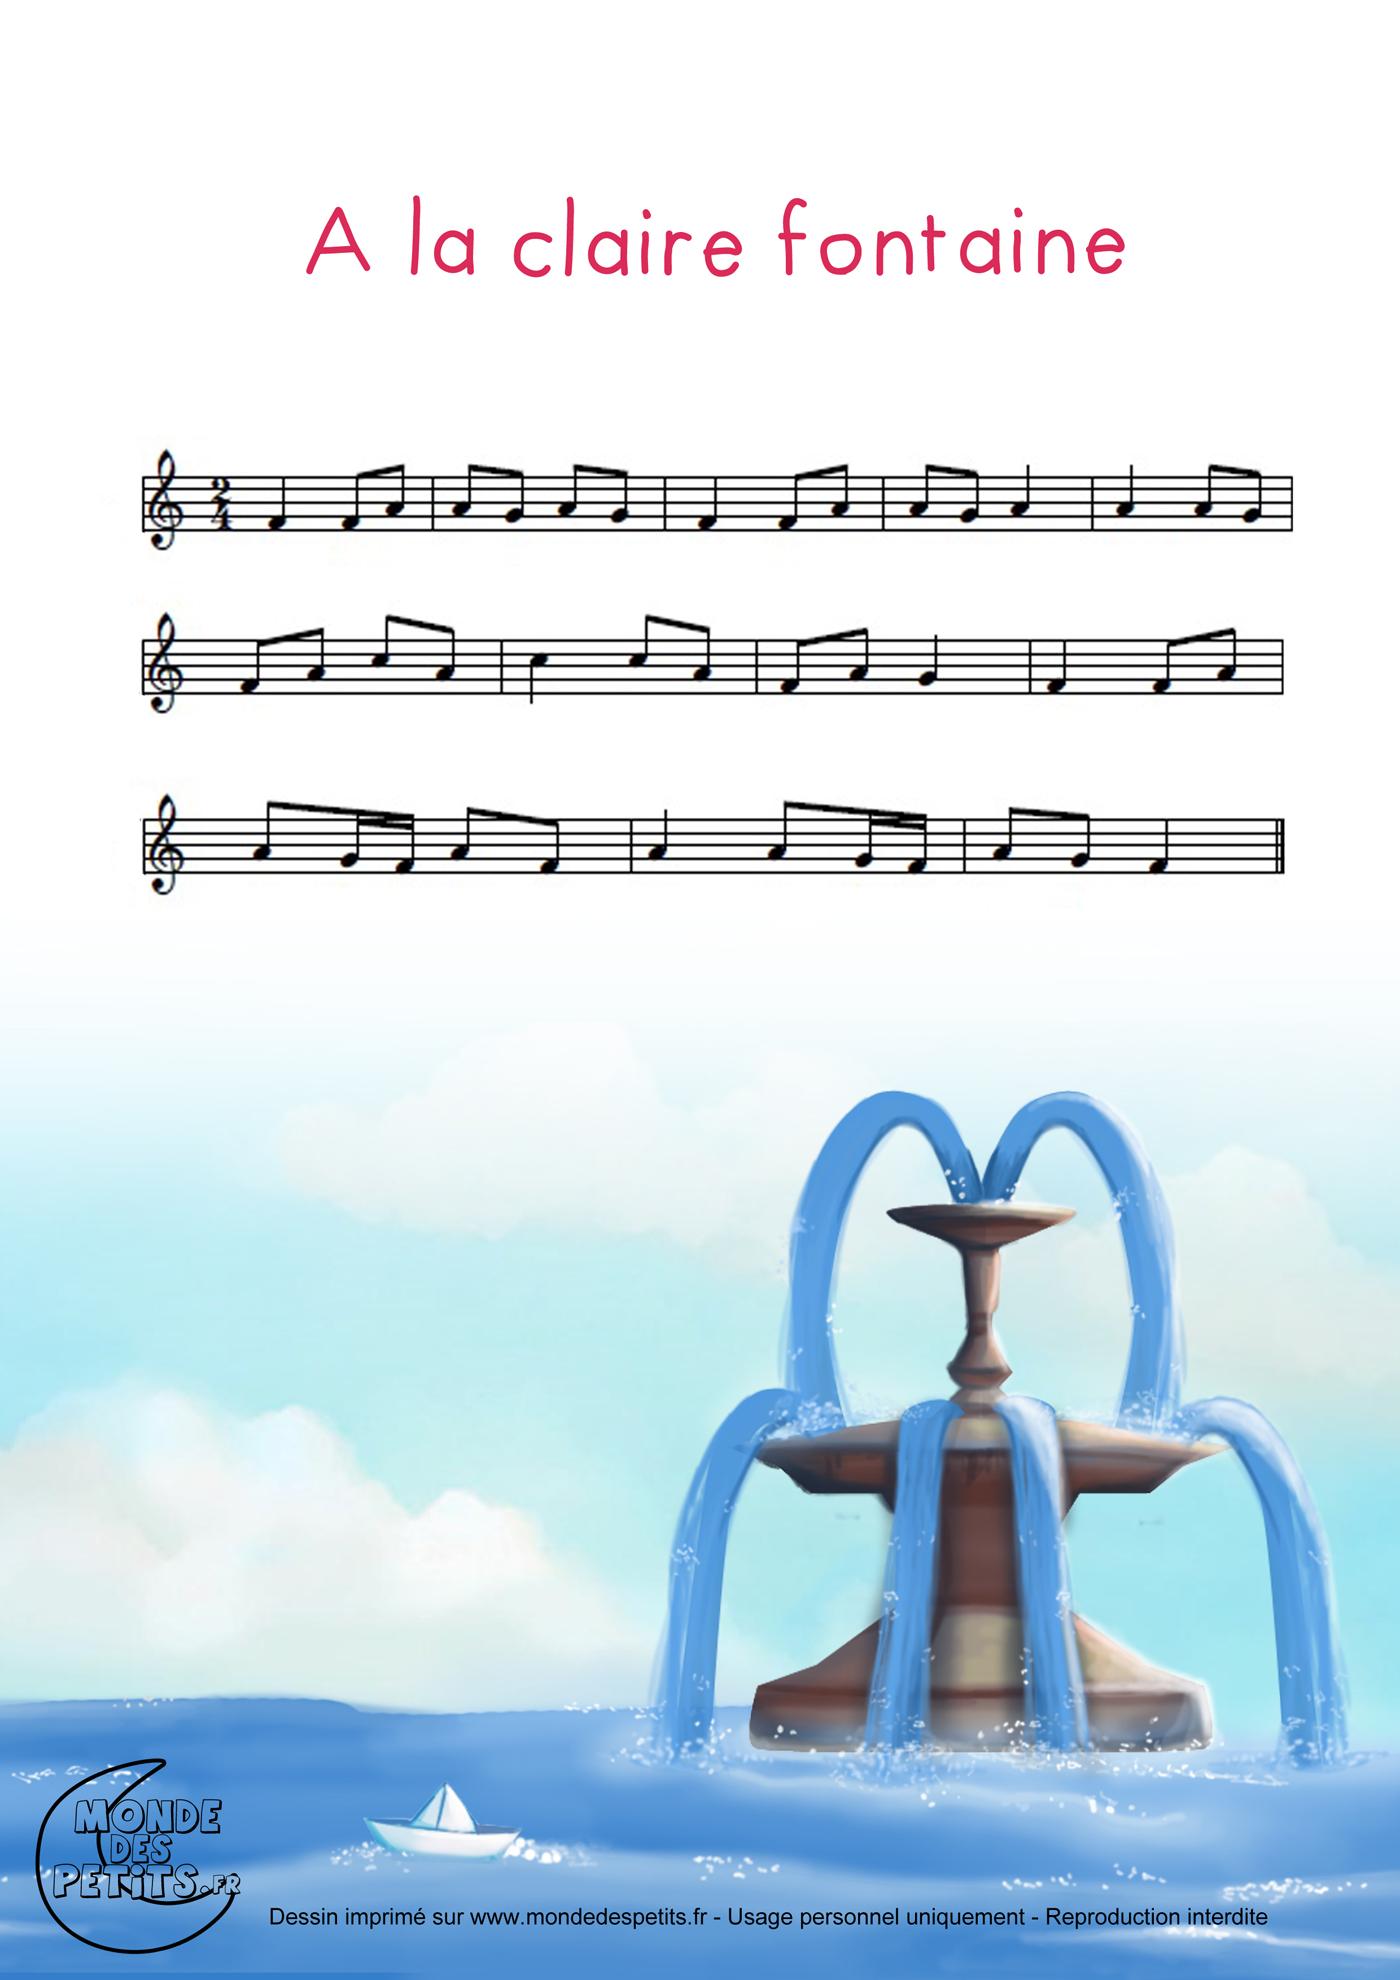 parole chanson a la claire fontaine